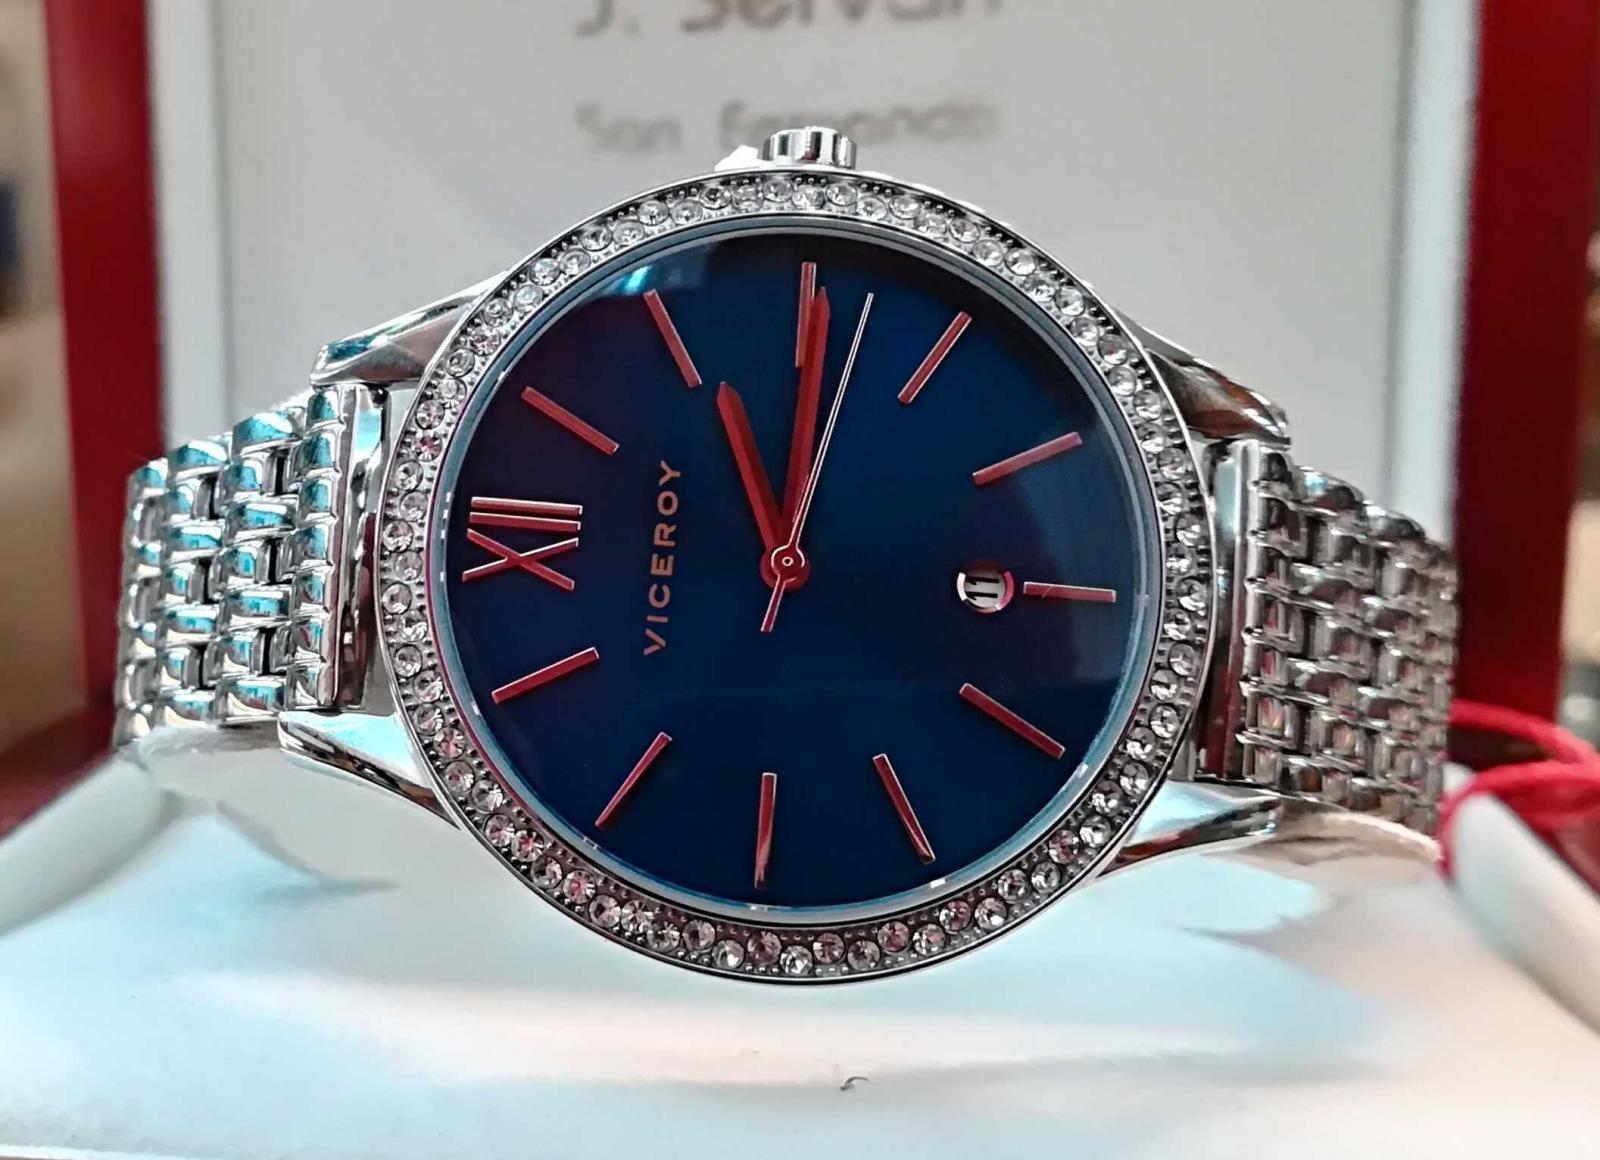 Reloj Viceroy Mujer Azul Plateado 471102-33